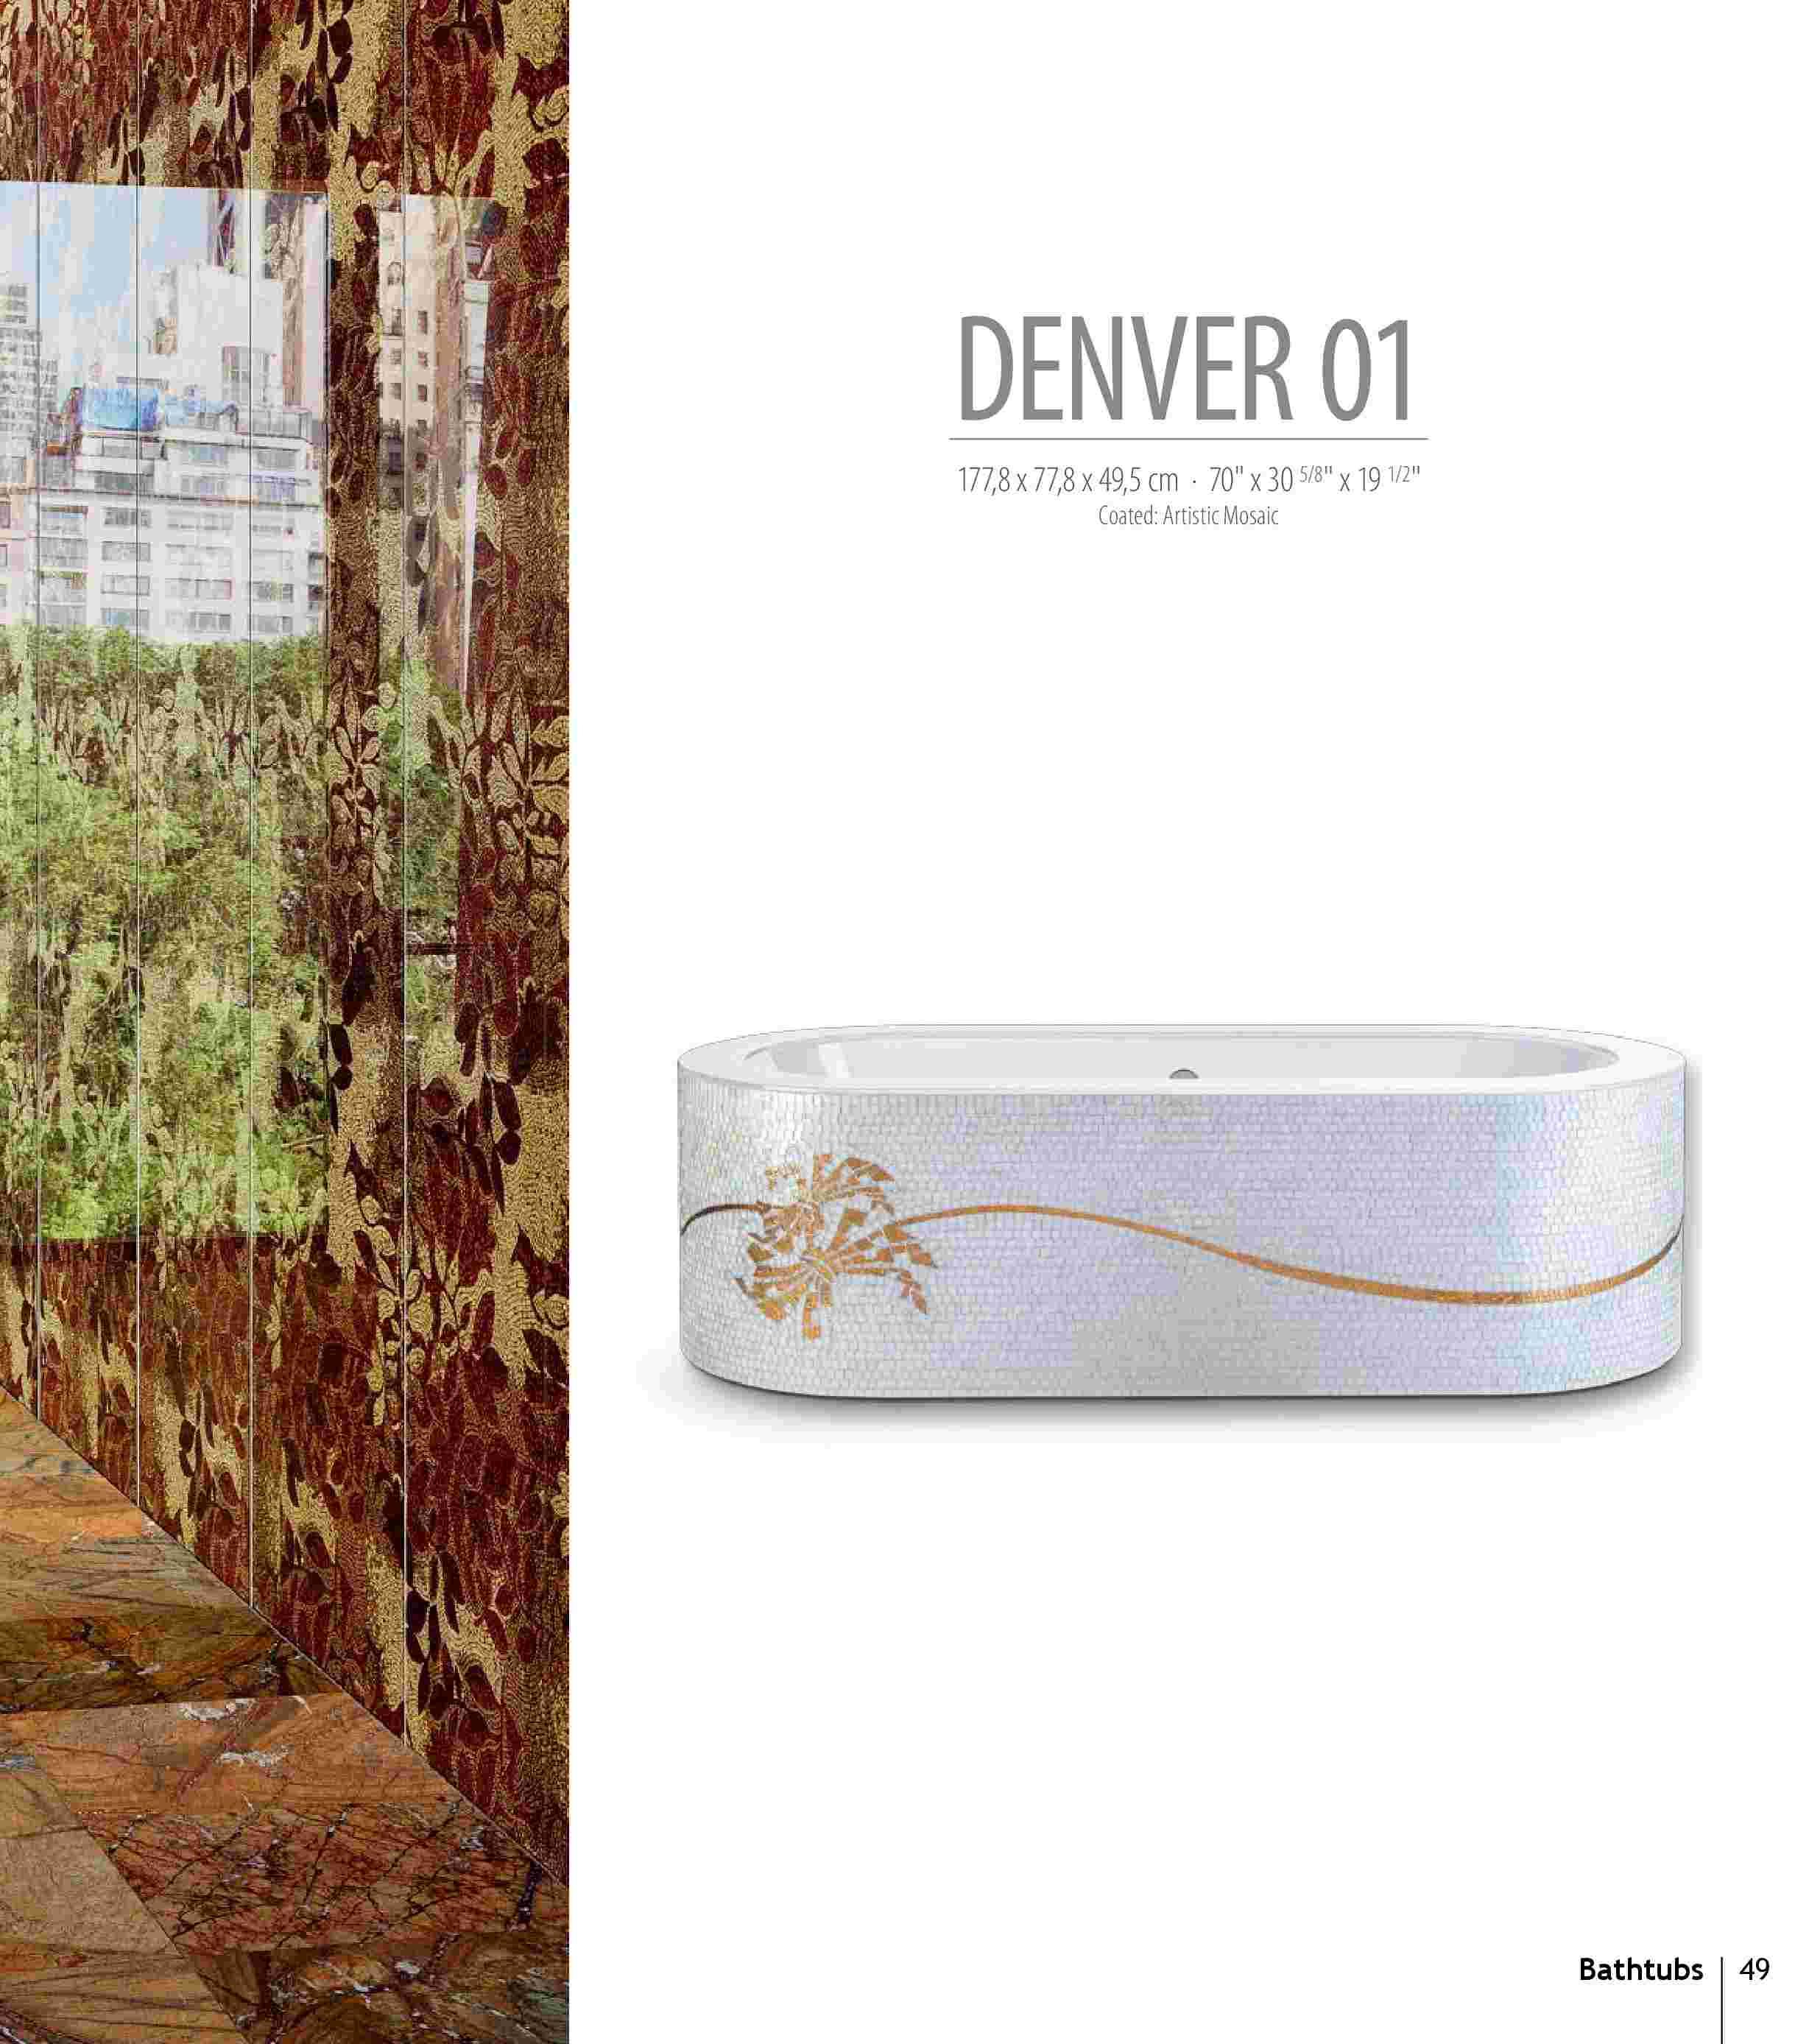 Bồn tắm Denver